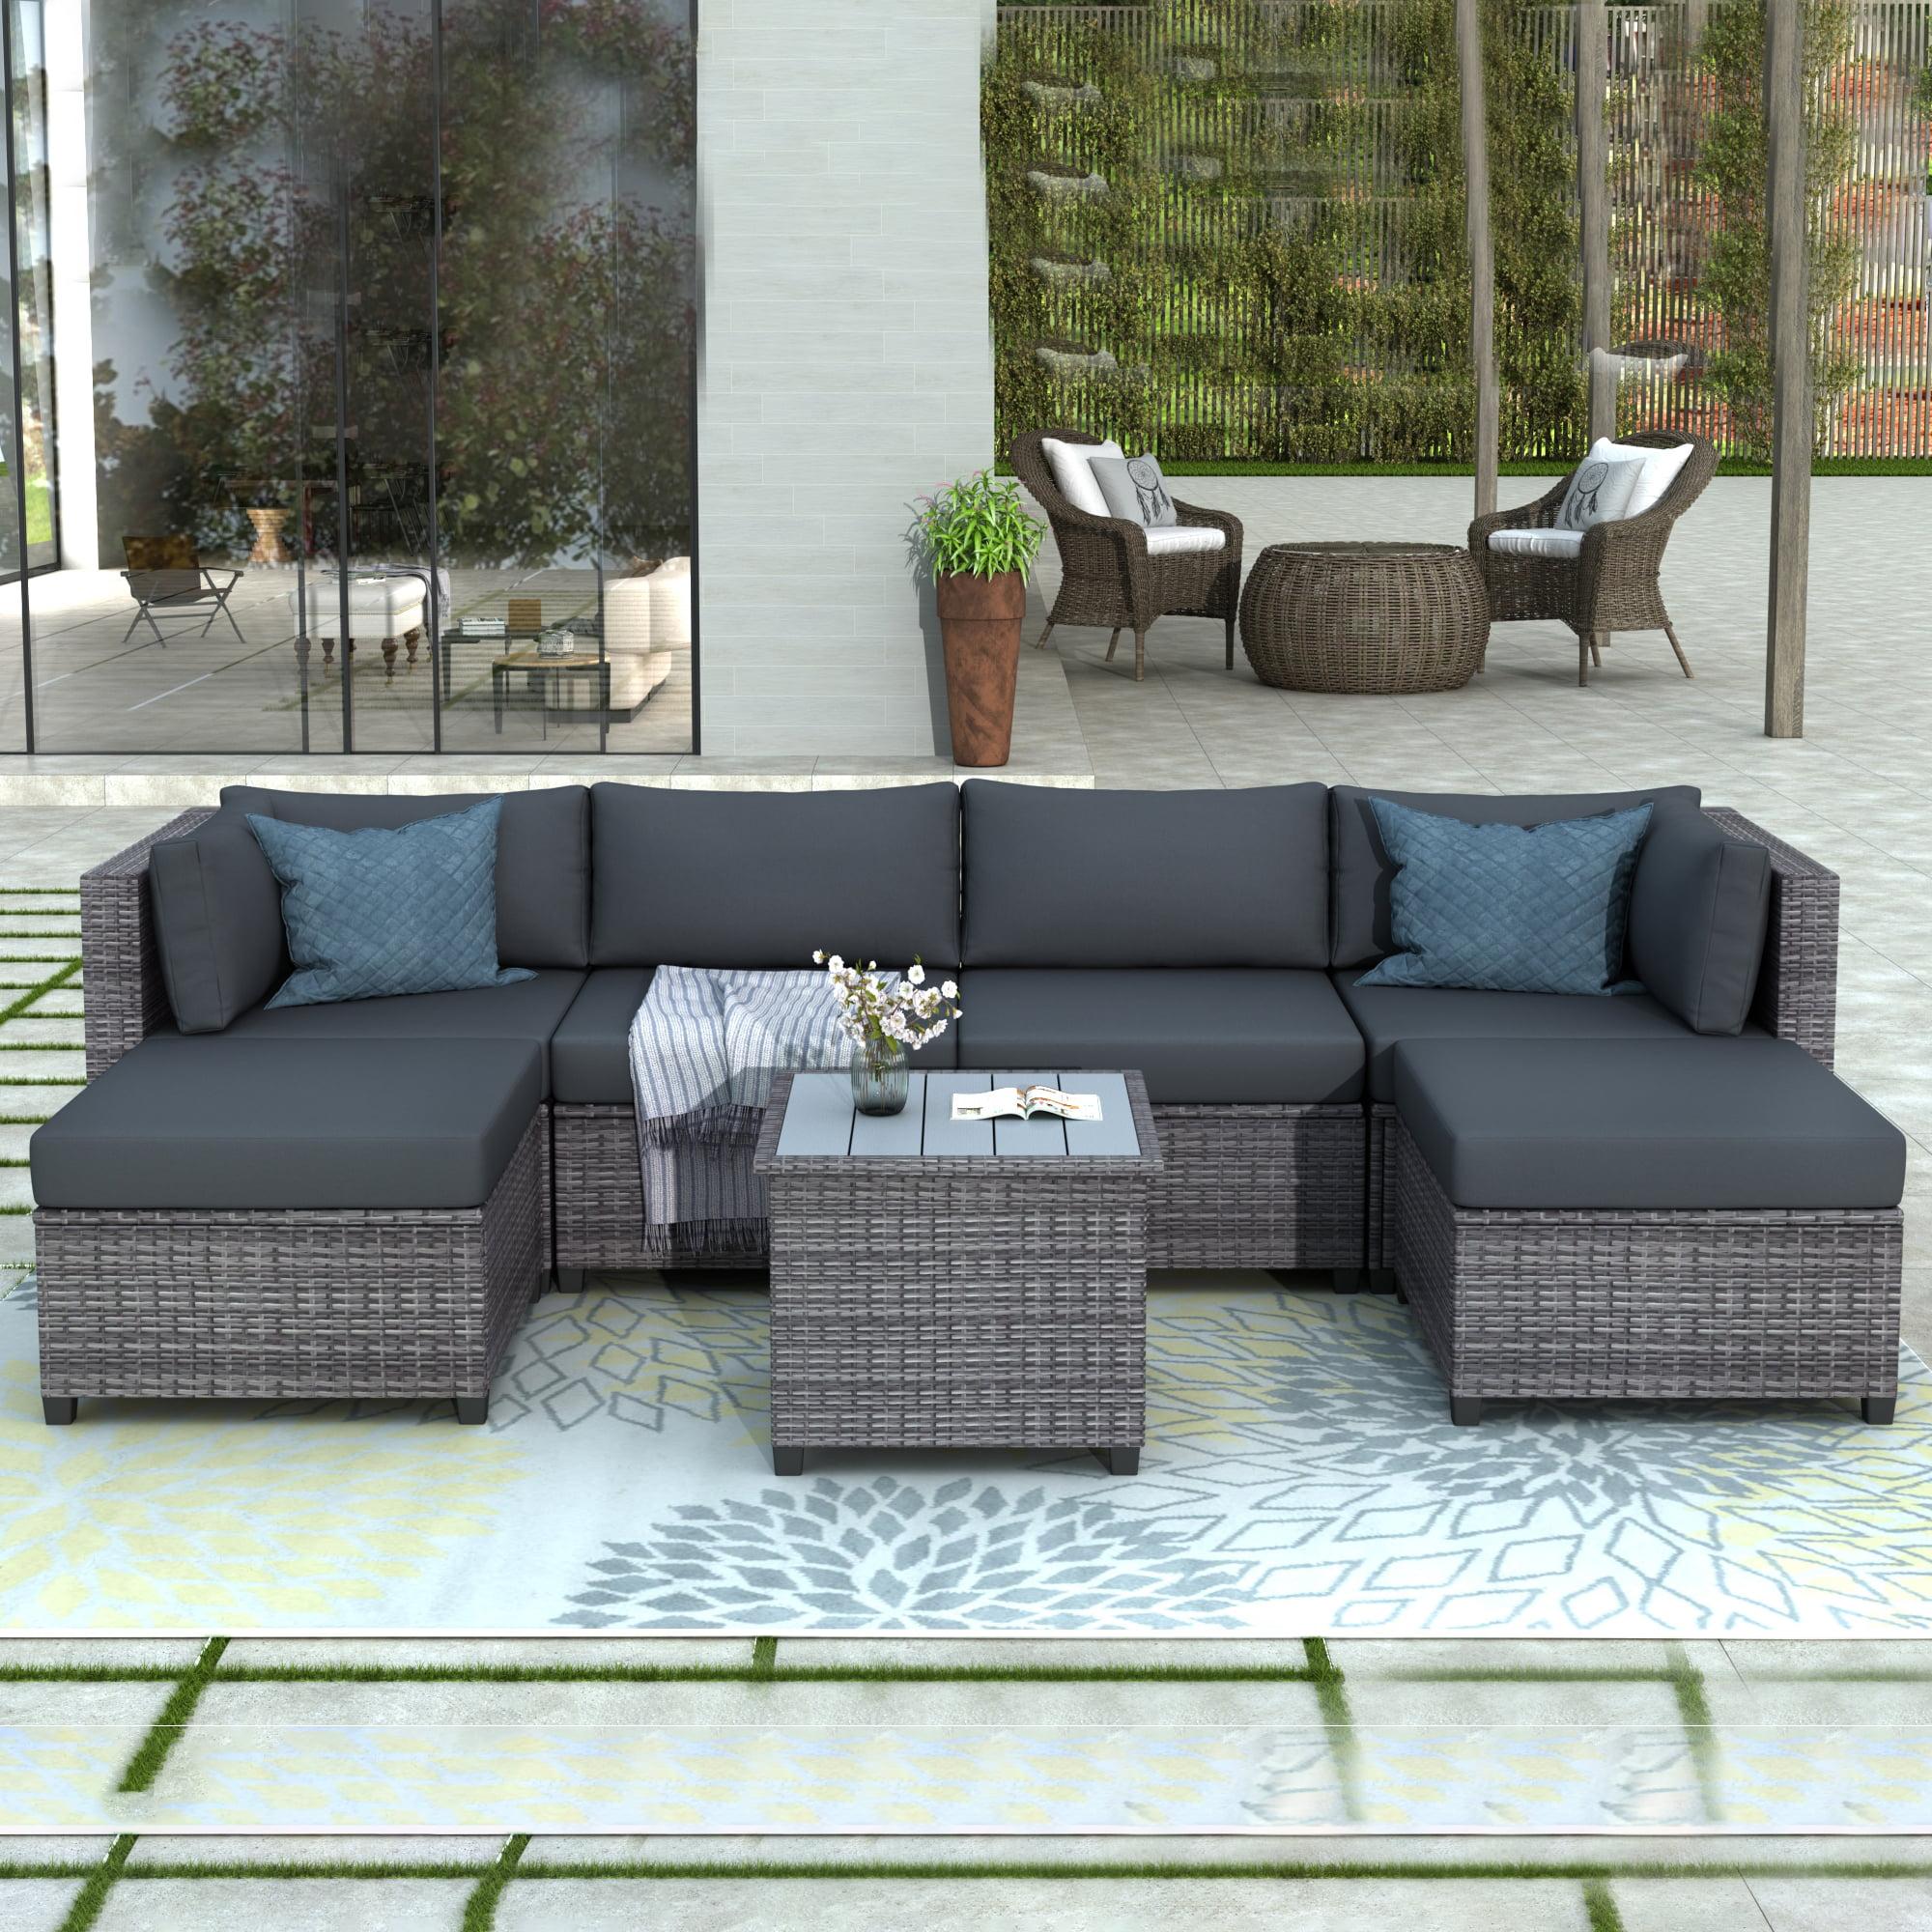 Outdoor Patio Furniture Set, 7 Piece Ratten Wicker ...